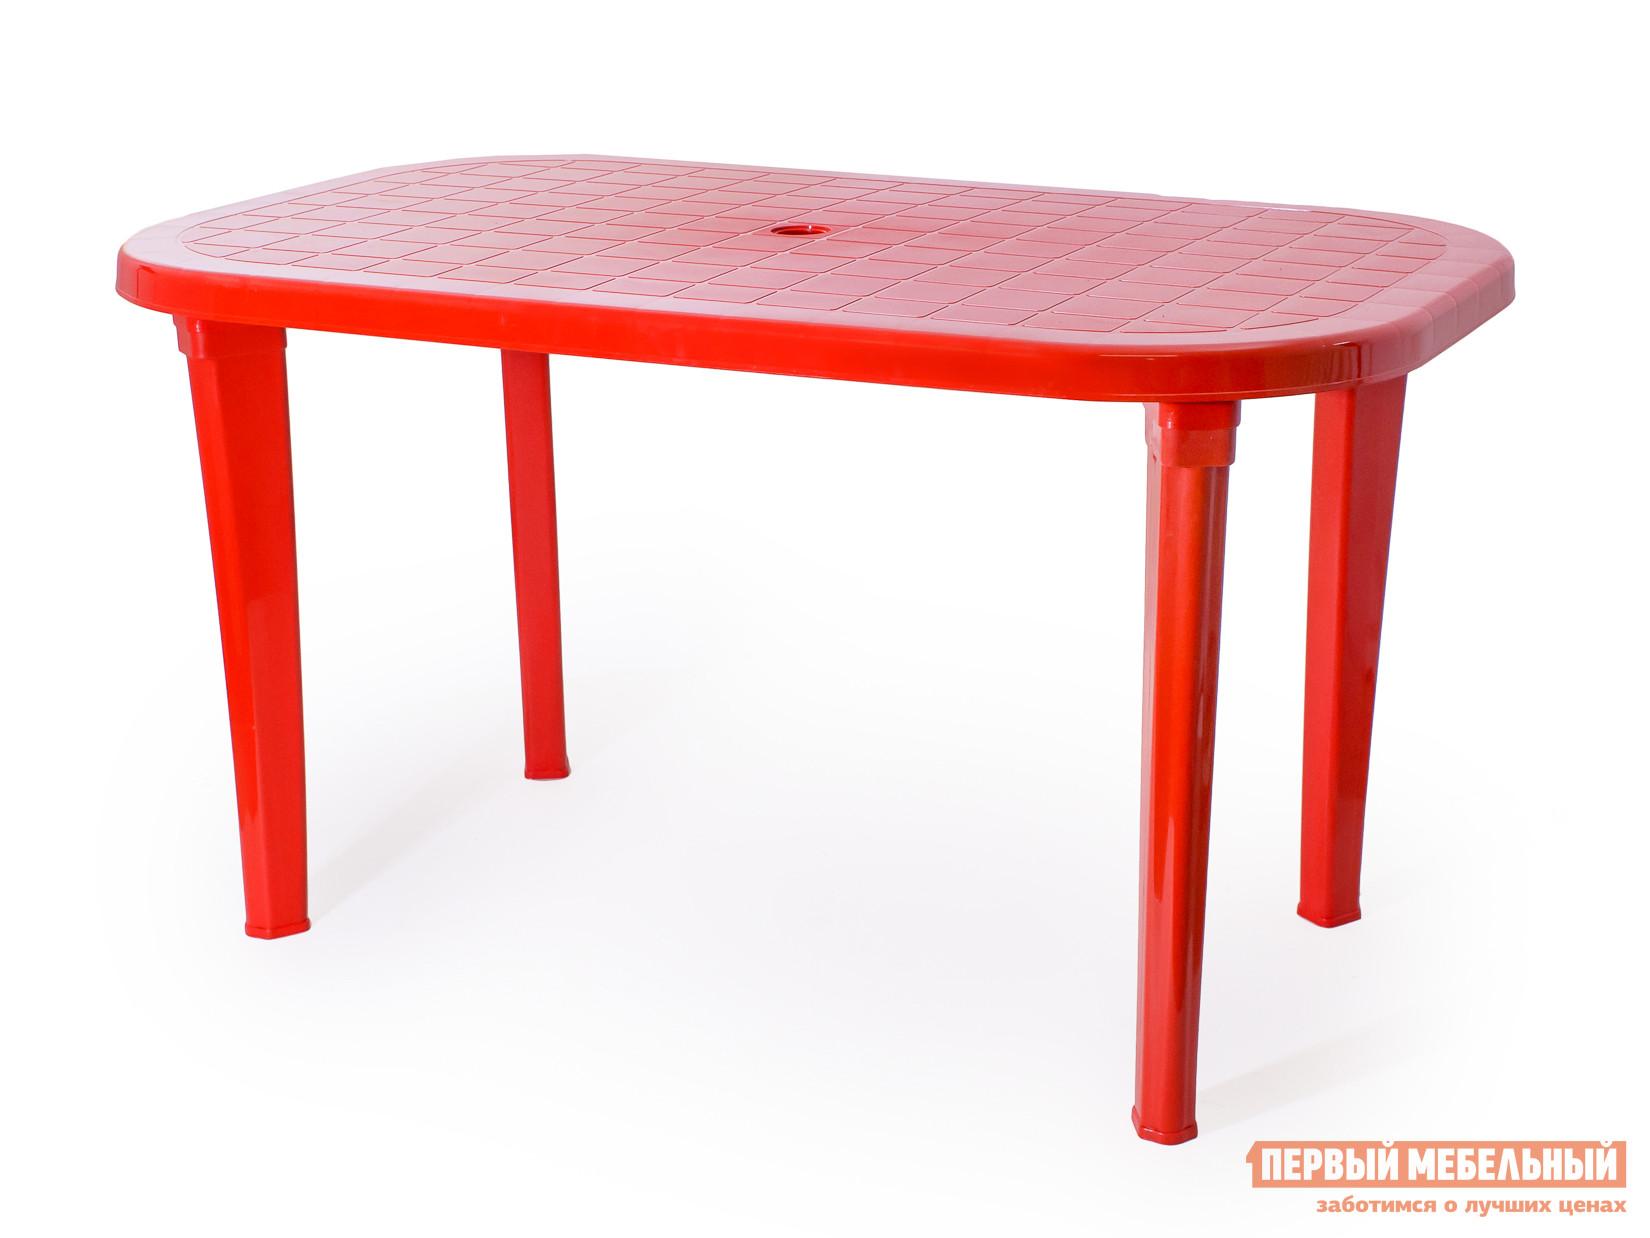 Пластиковый стол ЭЛП Стол овальный Красный